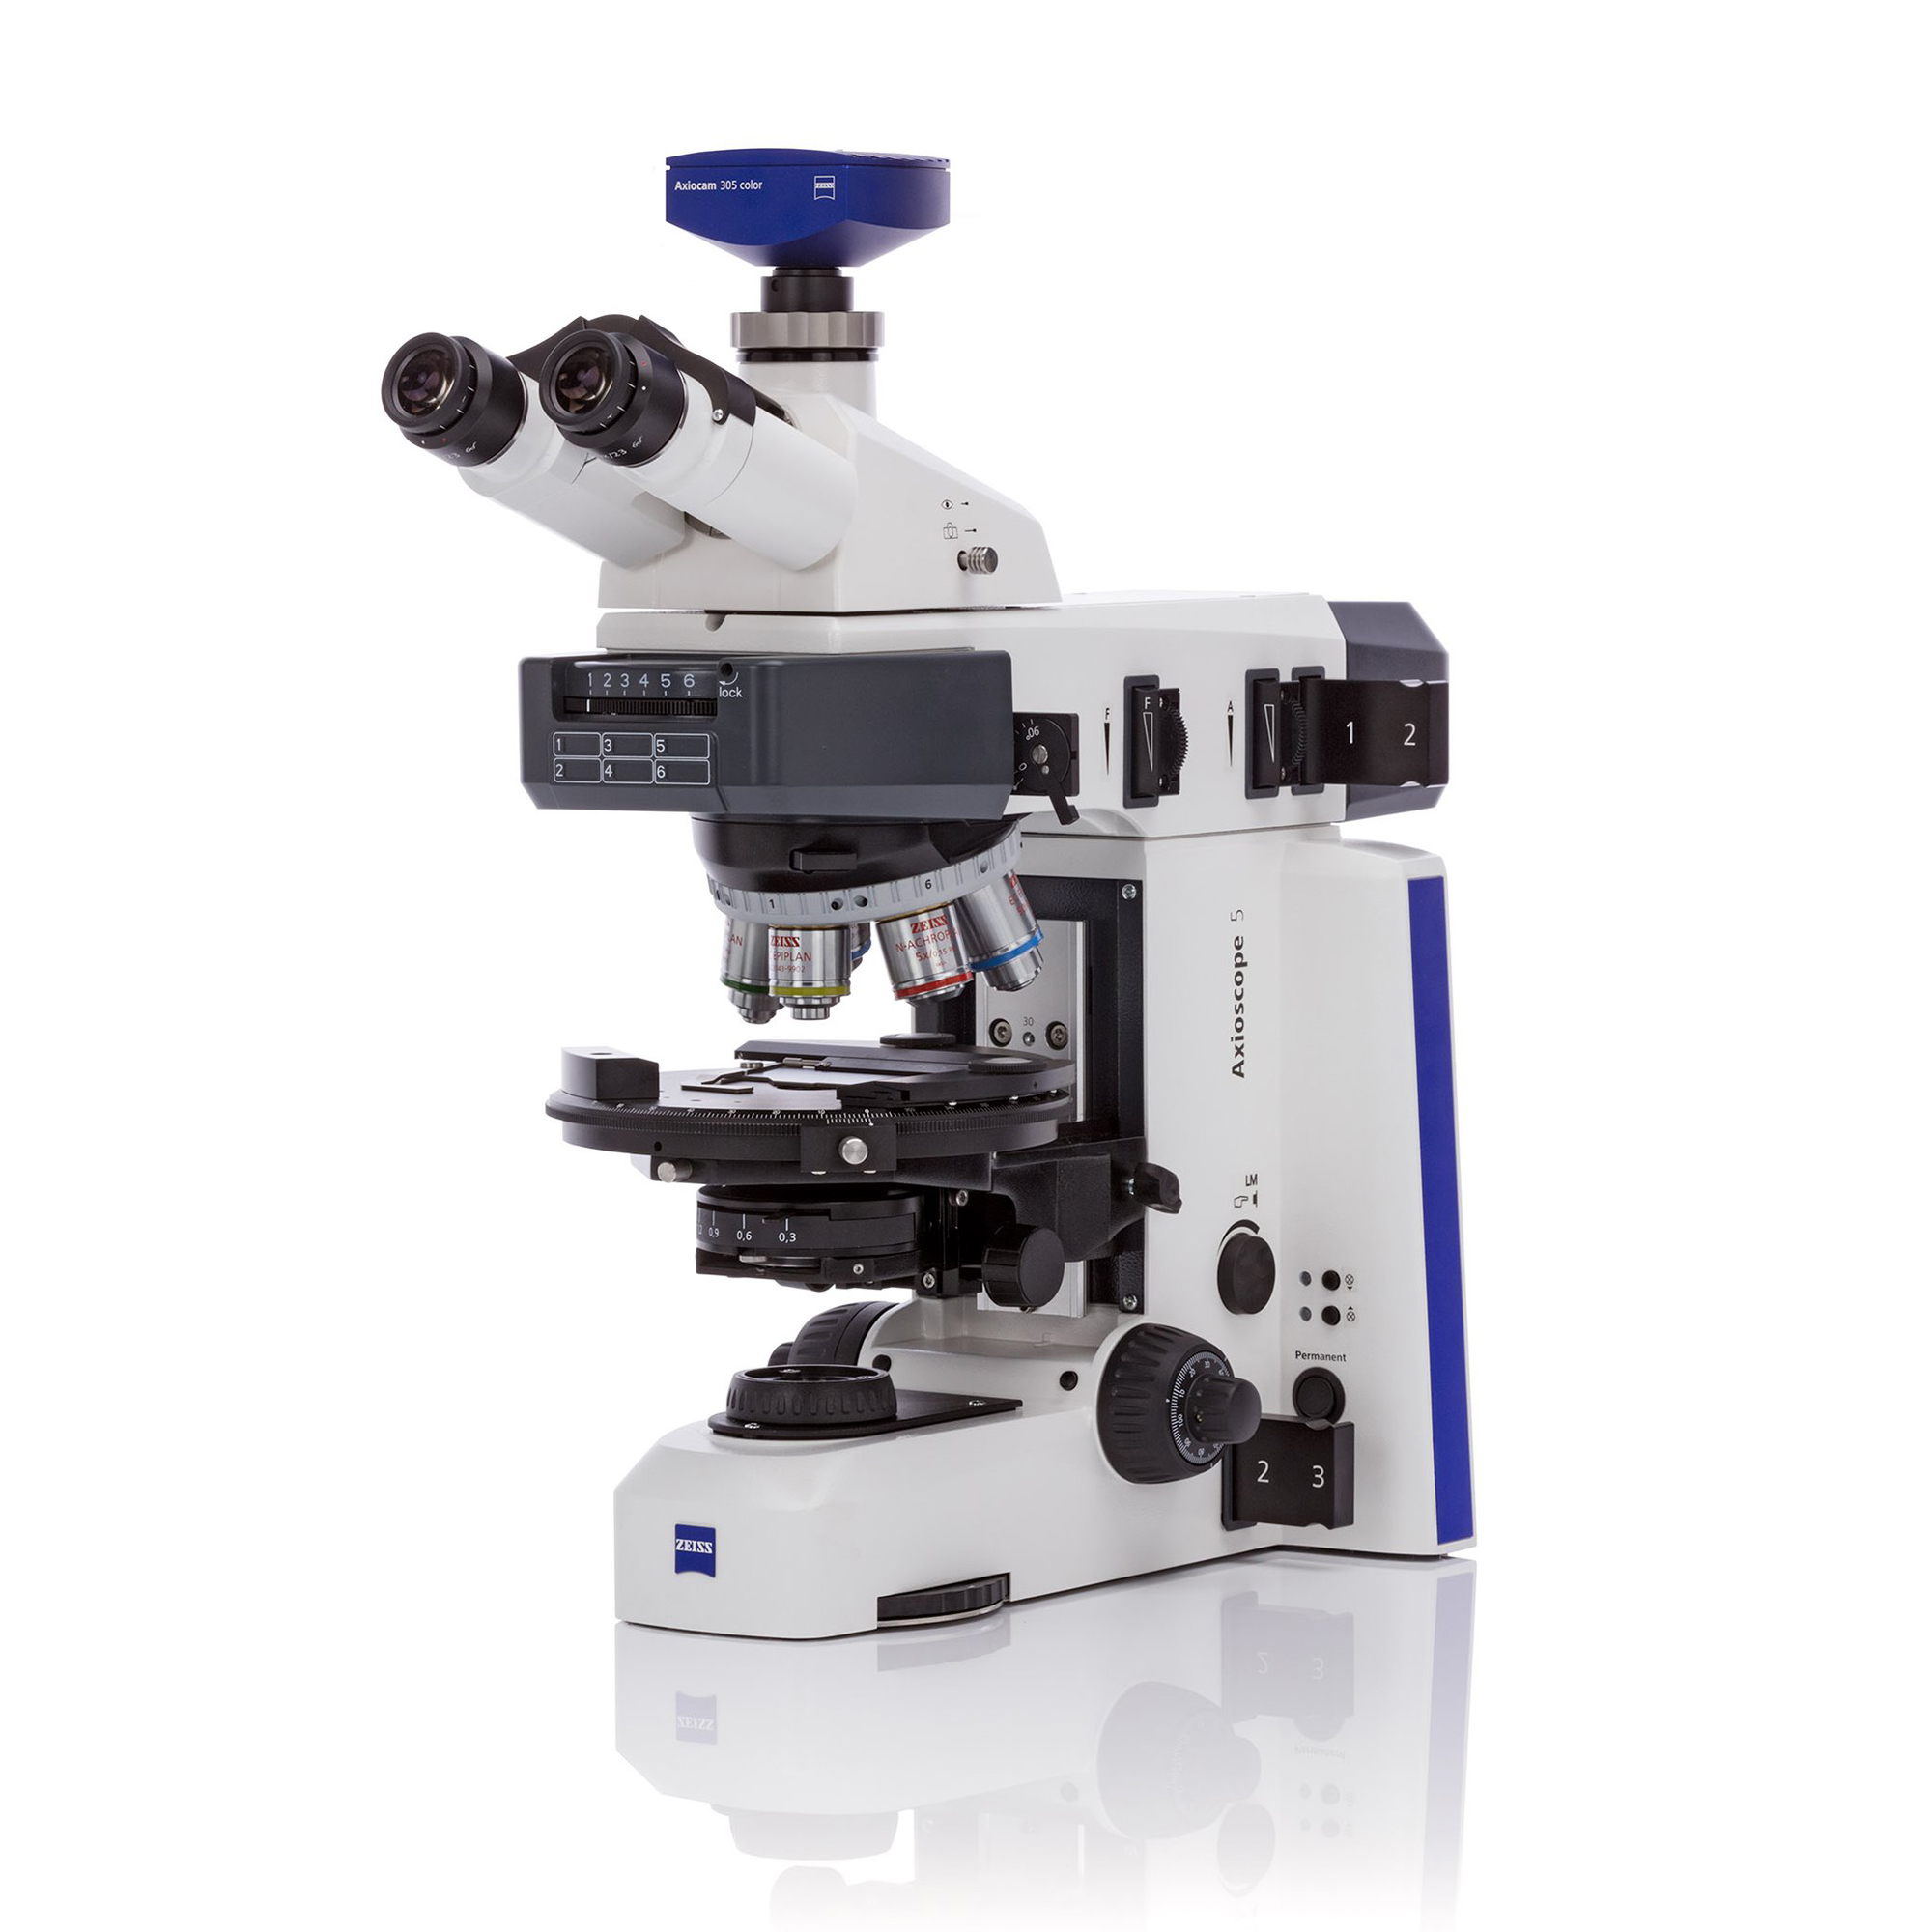 Axioscopio 5